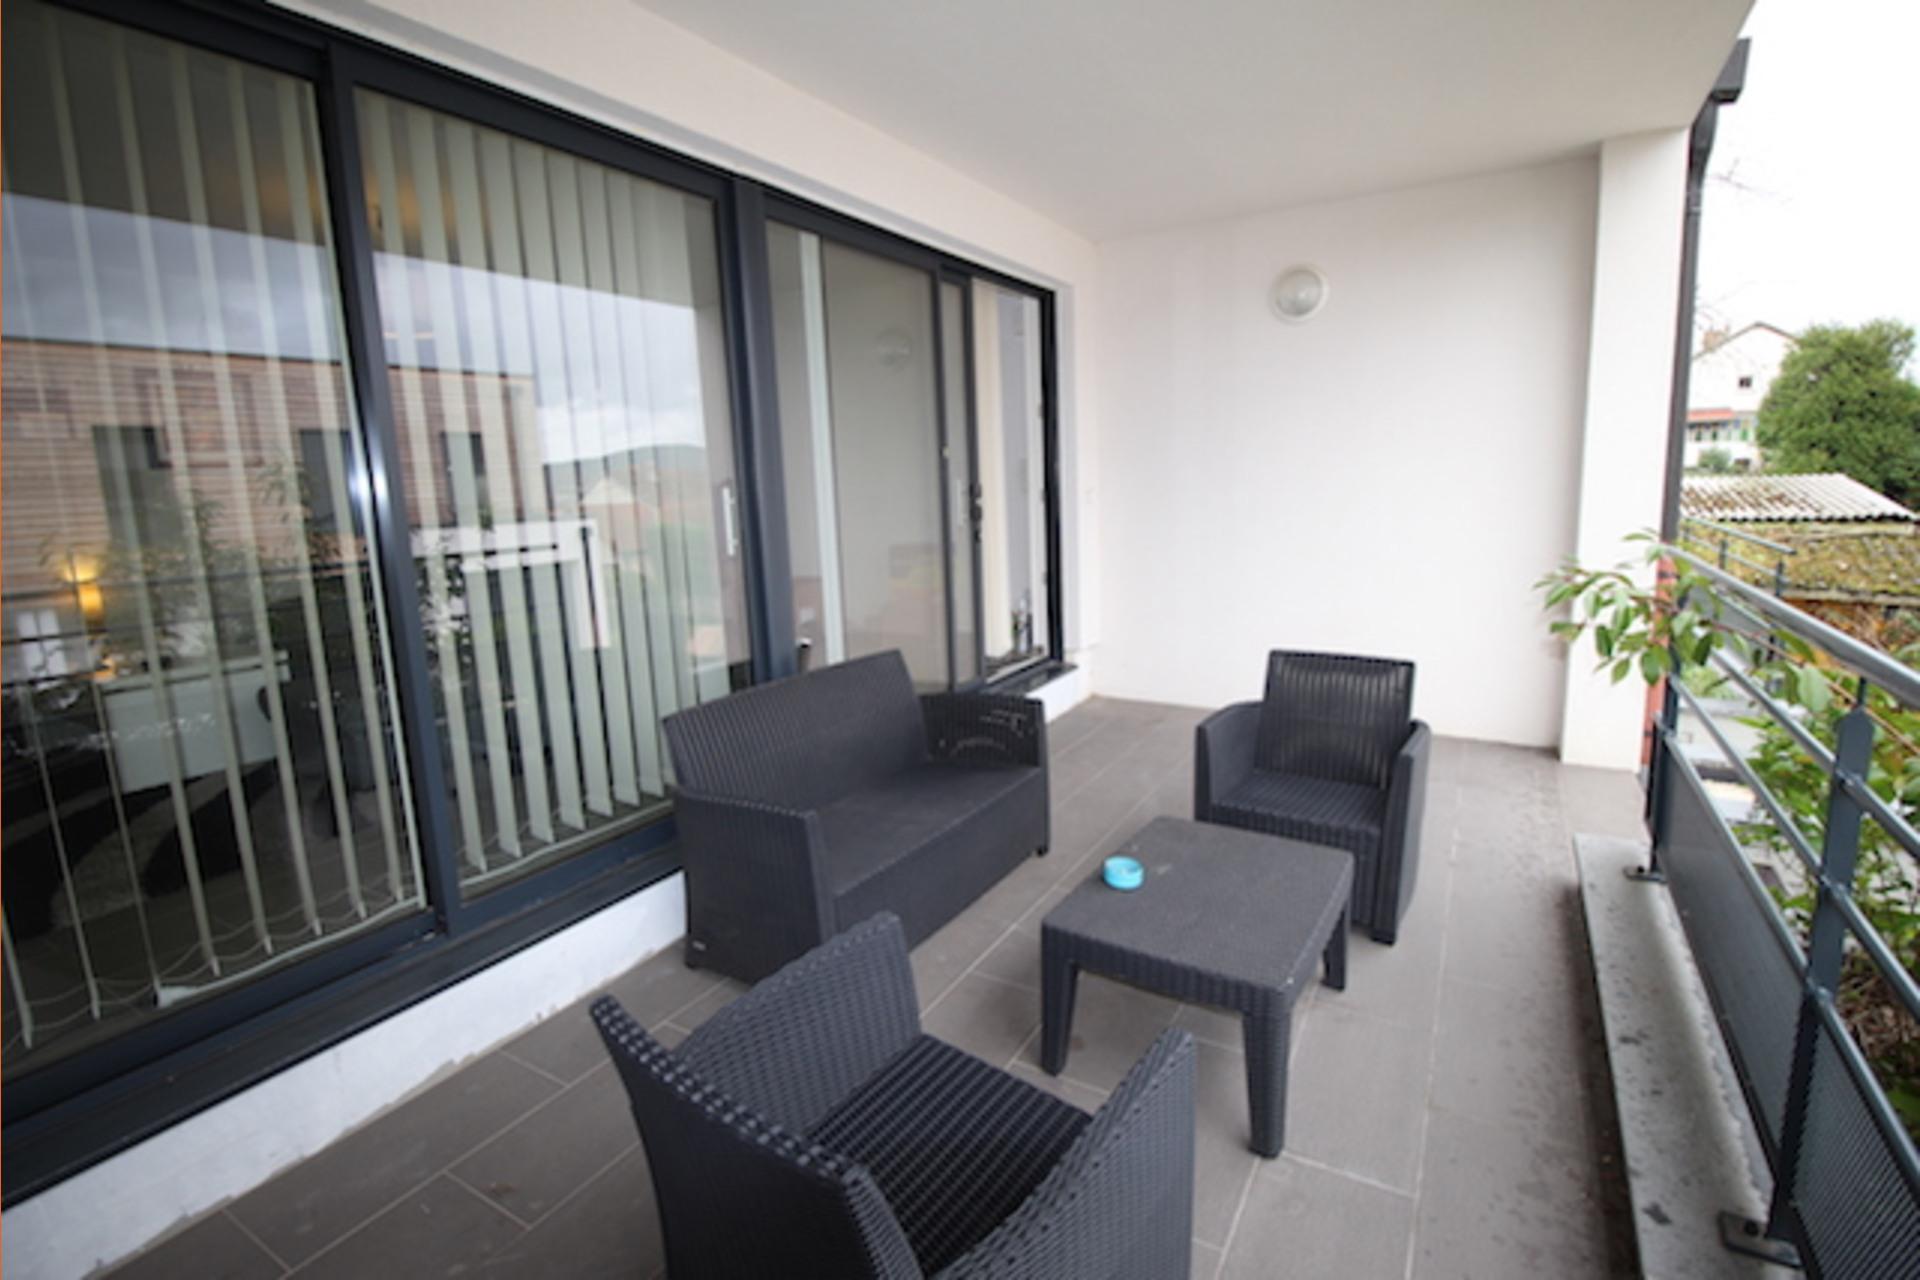 image 0 - Appartement À louer Ars-sur-Moselle